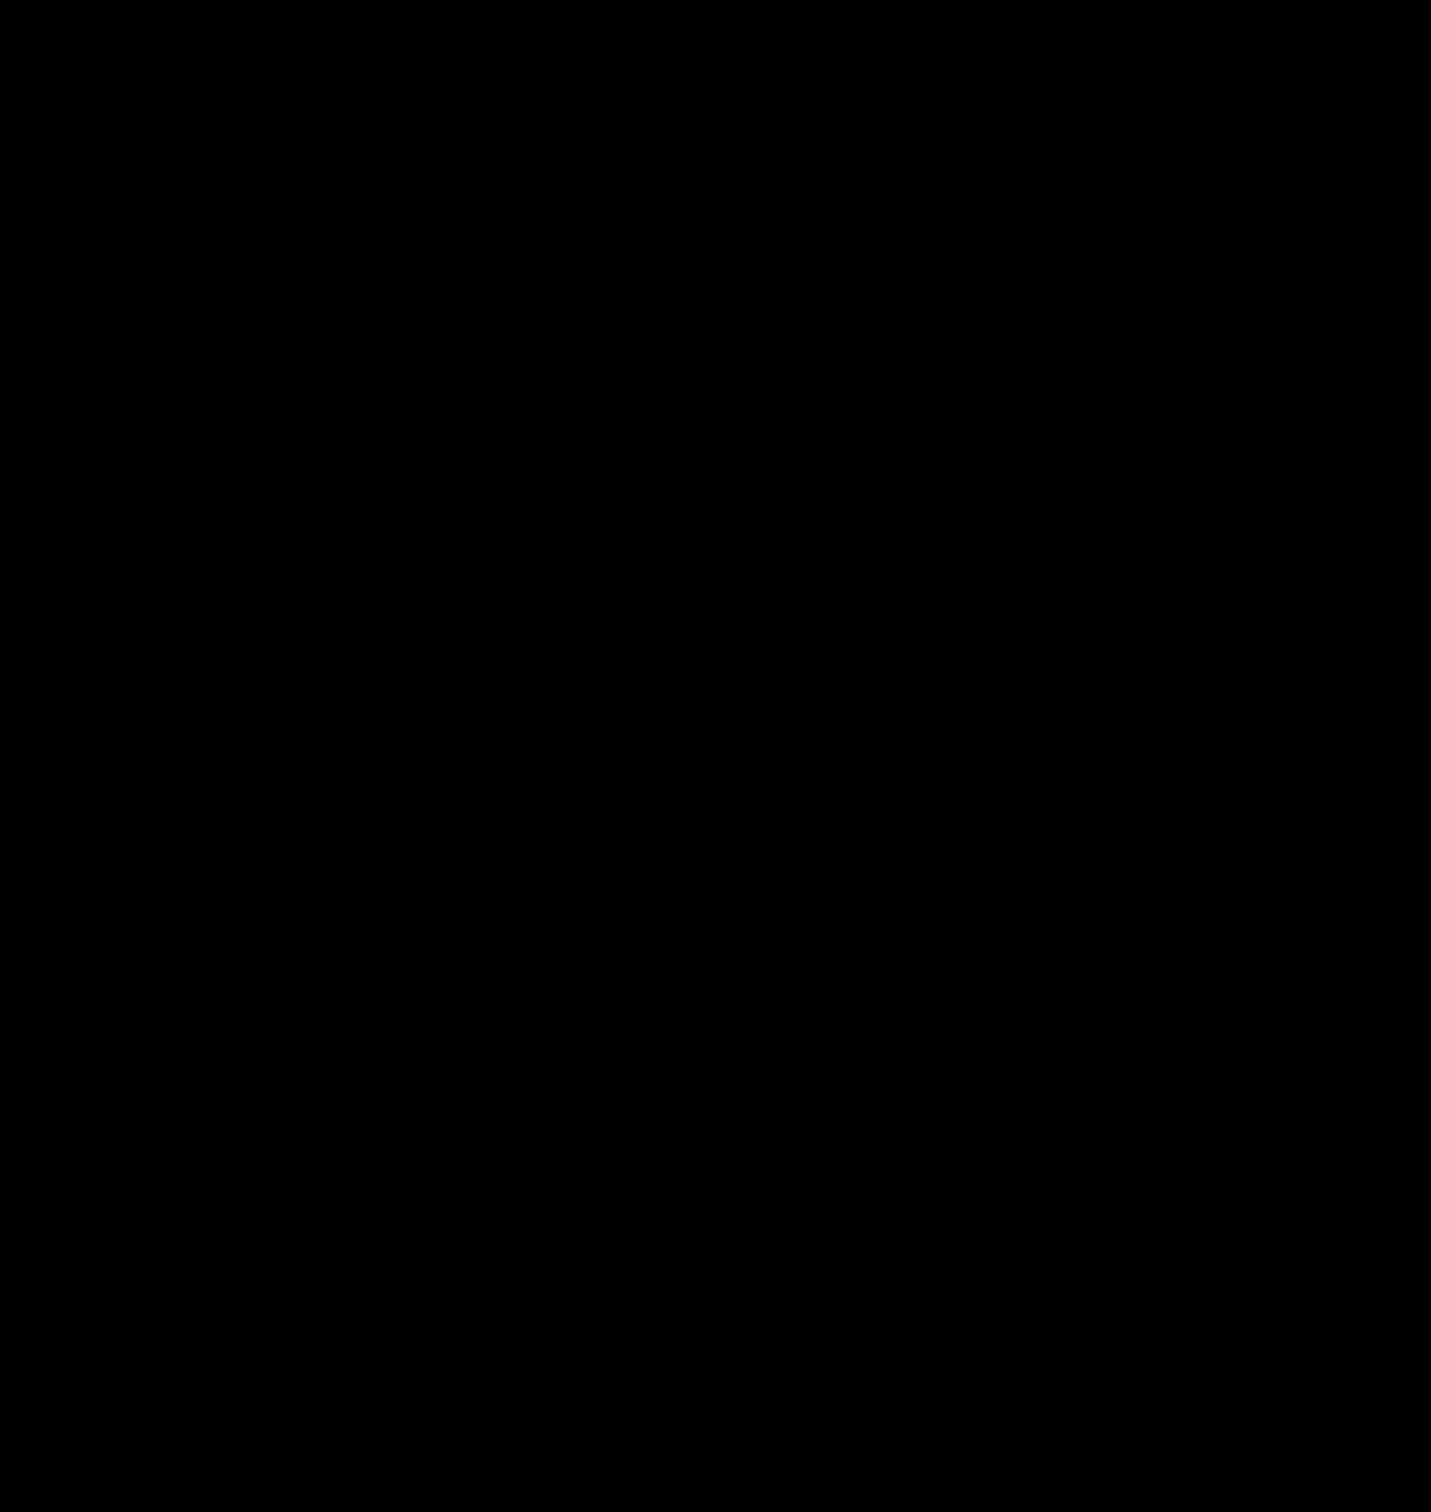 Jok7pq18r3obinek953s